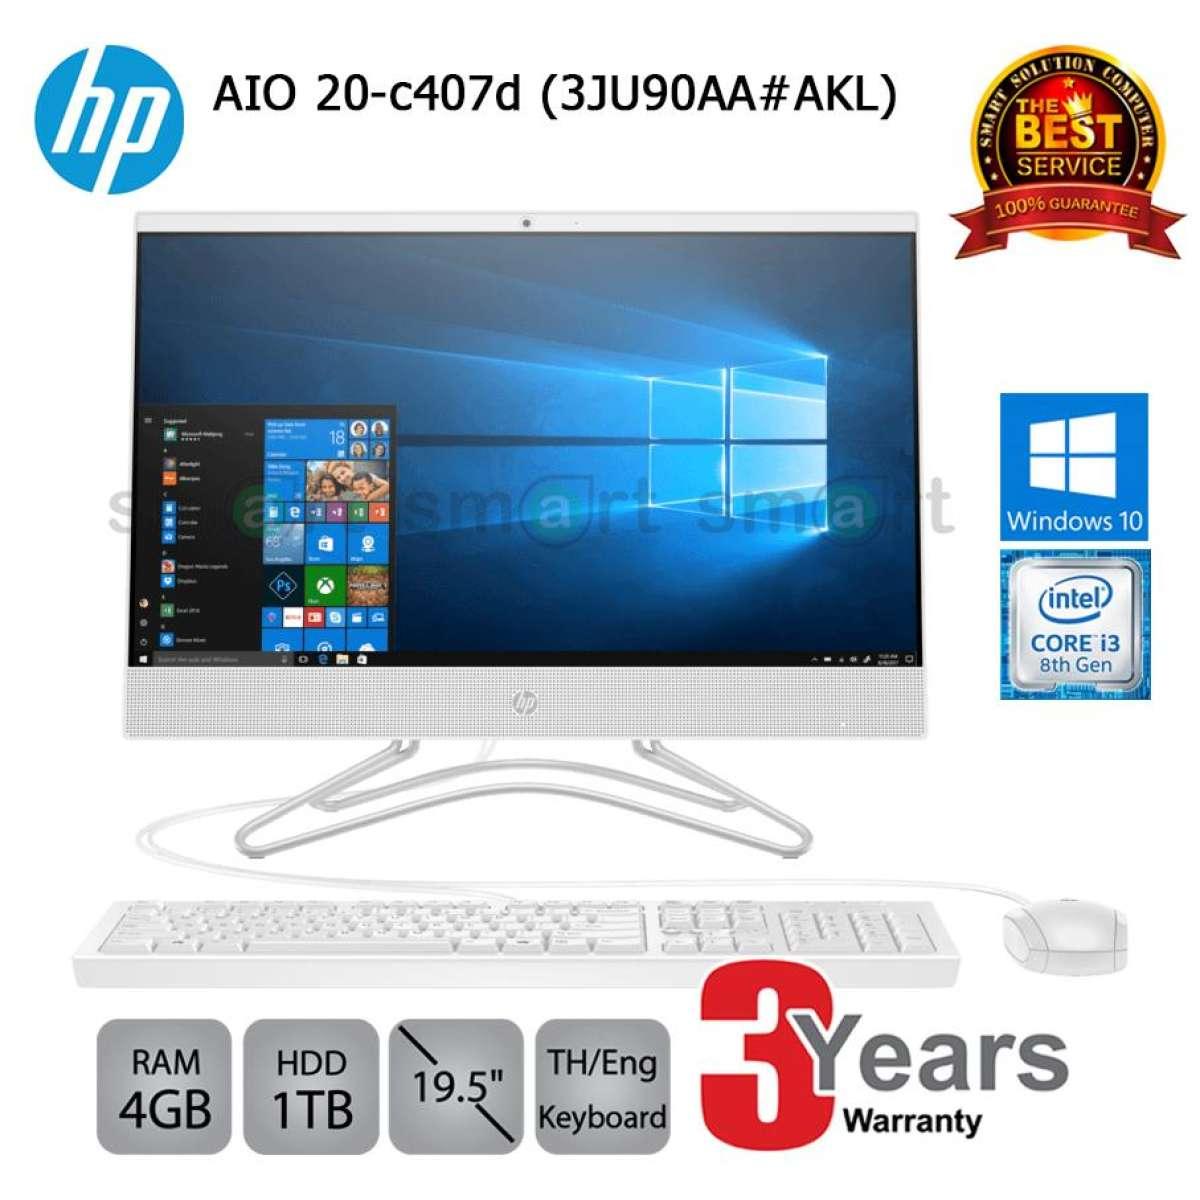 HP Pavilion AIO 20-c407d (3JU90AA#AKL) Pentium J5005/4GB/1TB/19.5/Win10